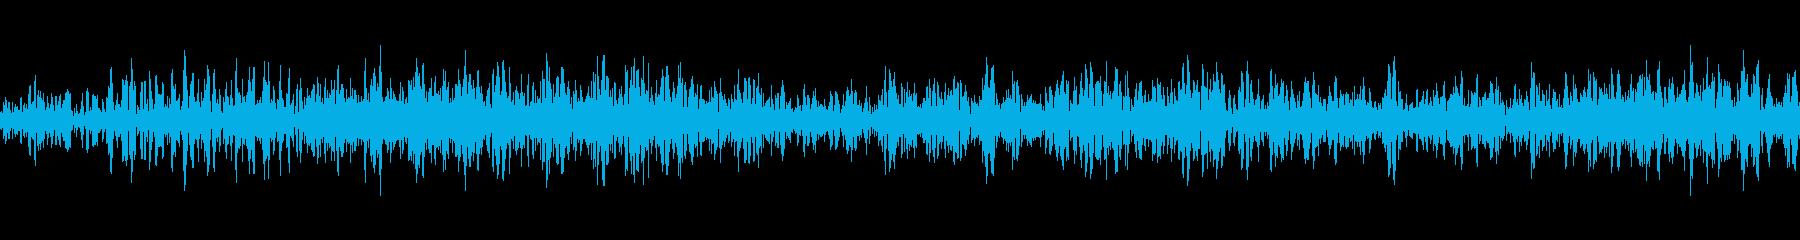 巻き戻し巻き戻し4 2の再生済みの波形